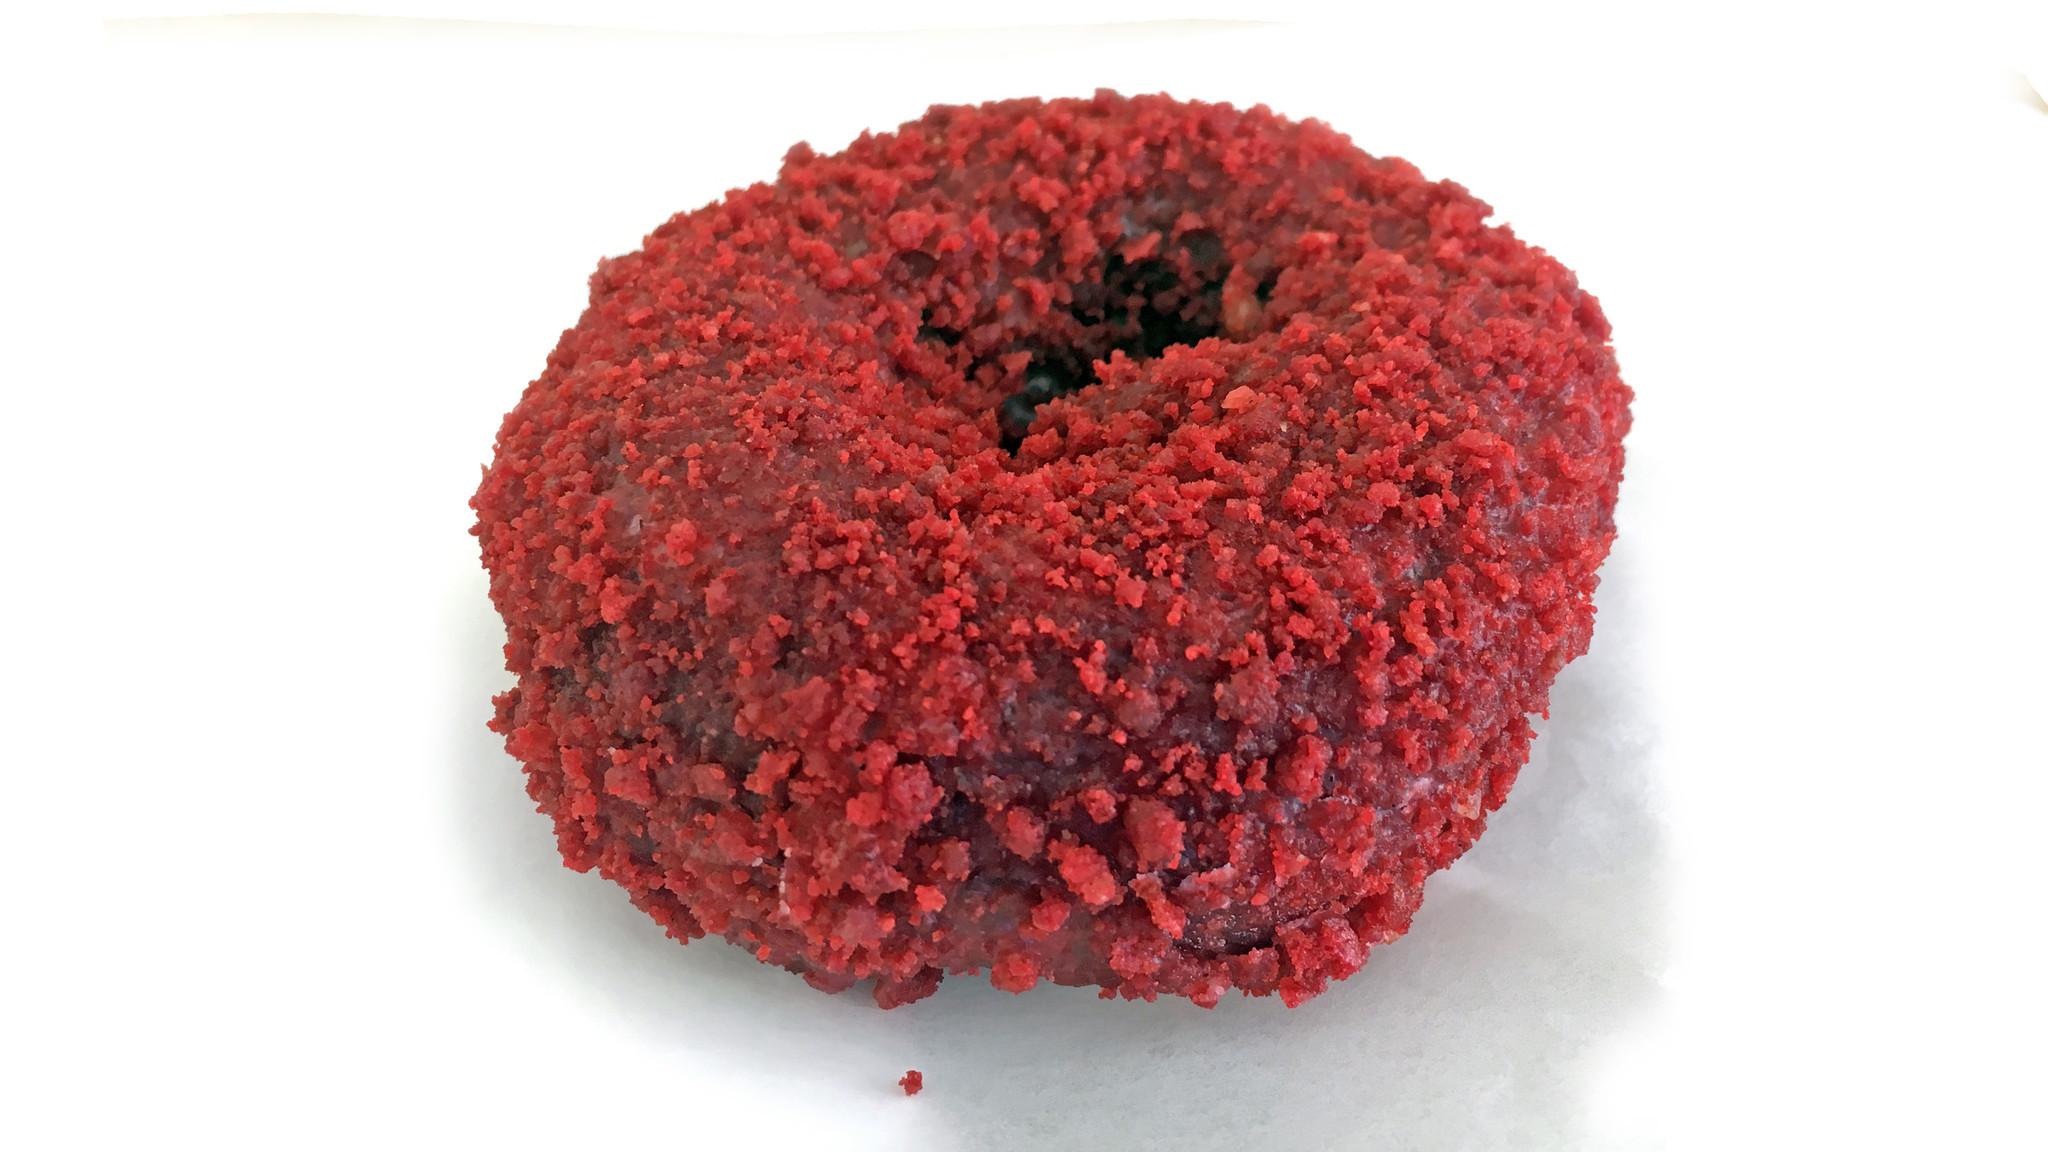 Red velvet doughnut from Michelle's Donut House.